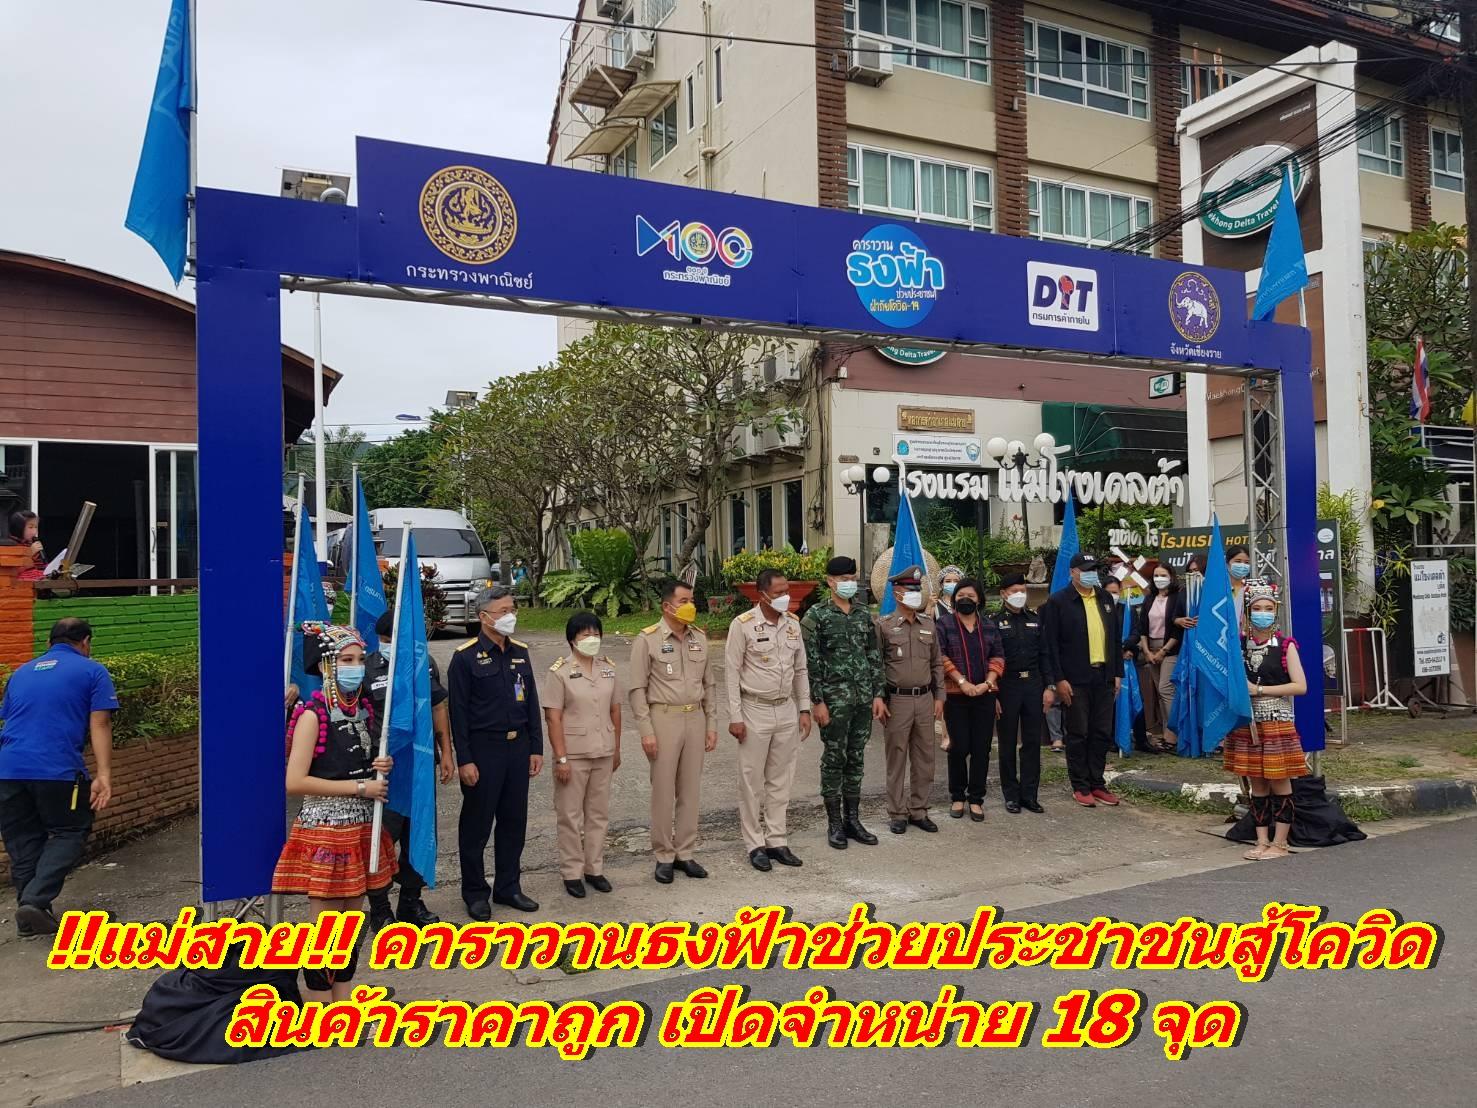 (คลิป) !!แม่สาย!! คาราวานธงฟ้าช่วยประชาชนสู้โควิด สินค้าราคาถูก เปิดจำหน่าย 18 จุด